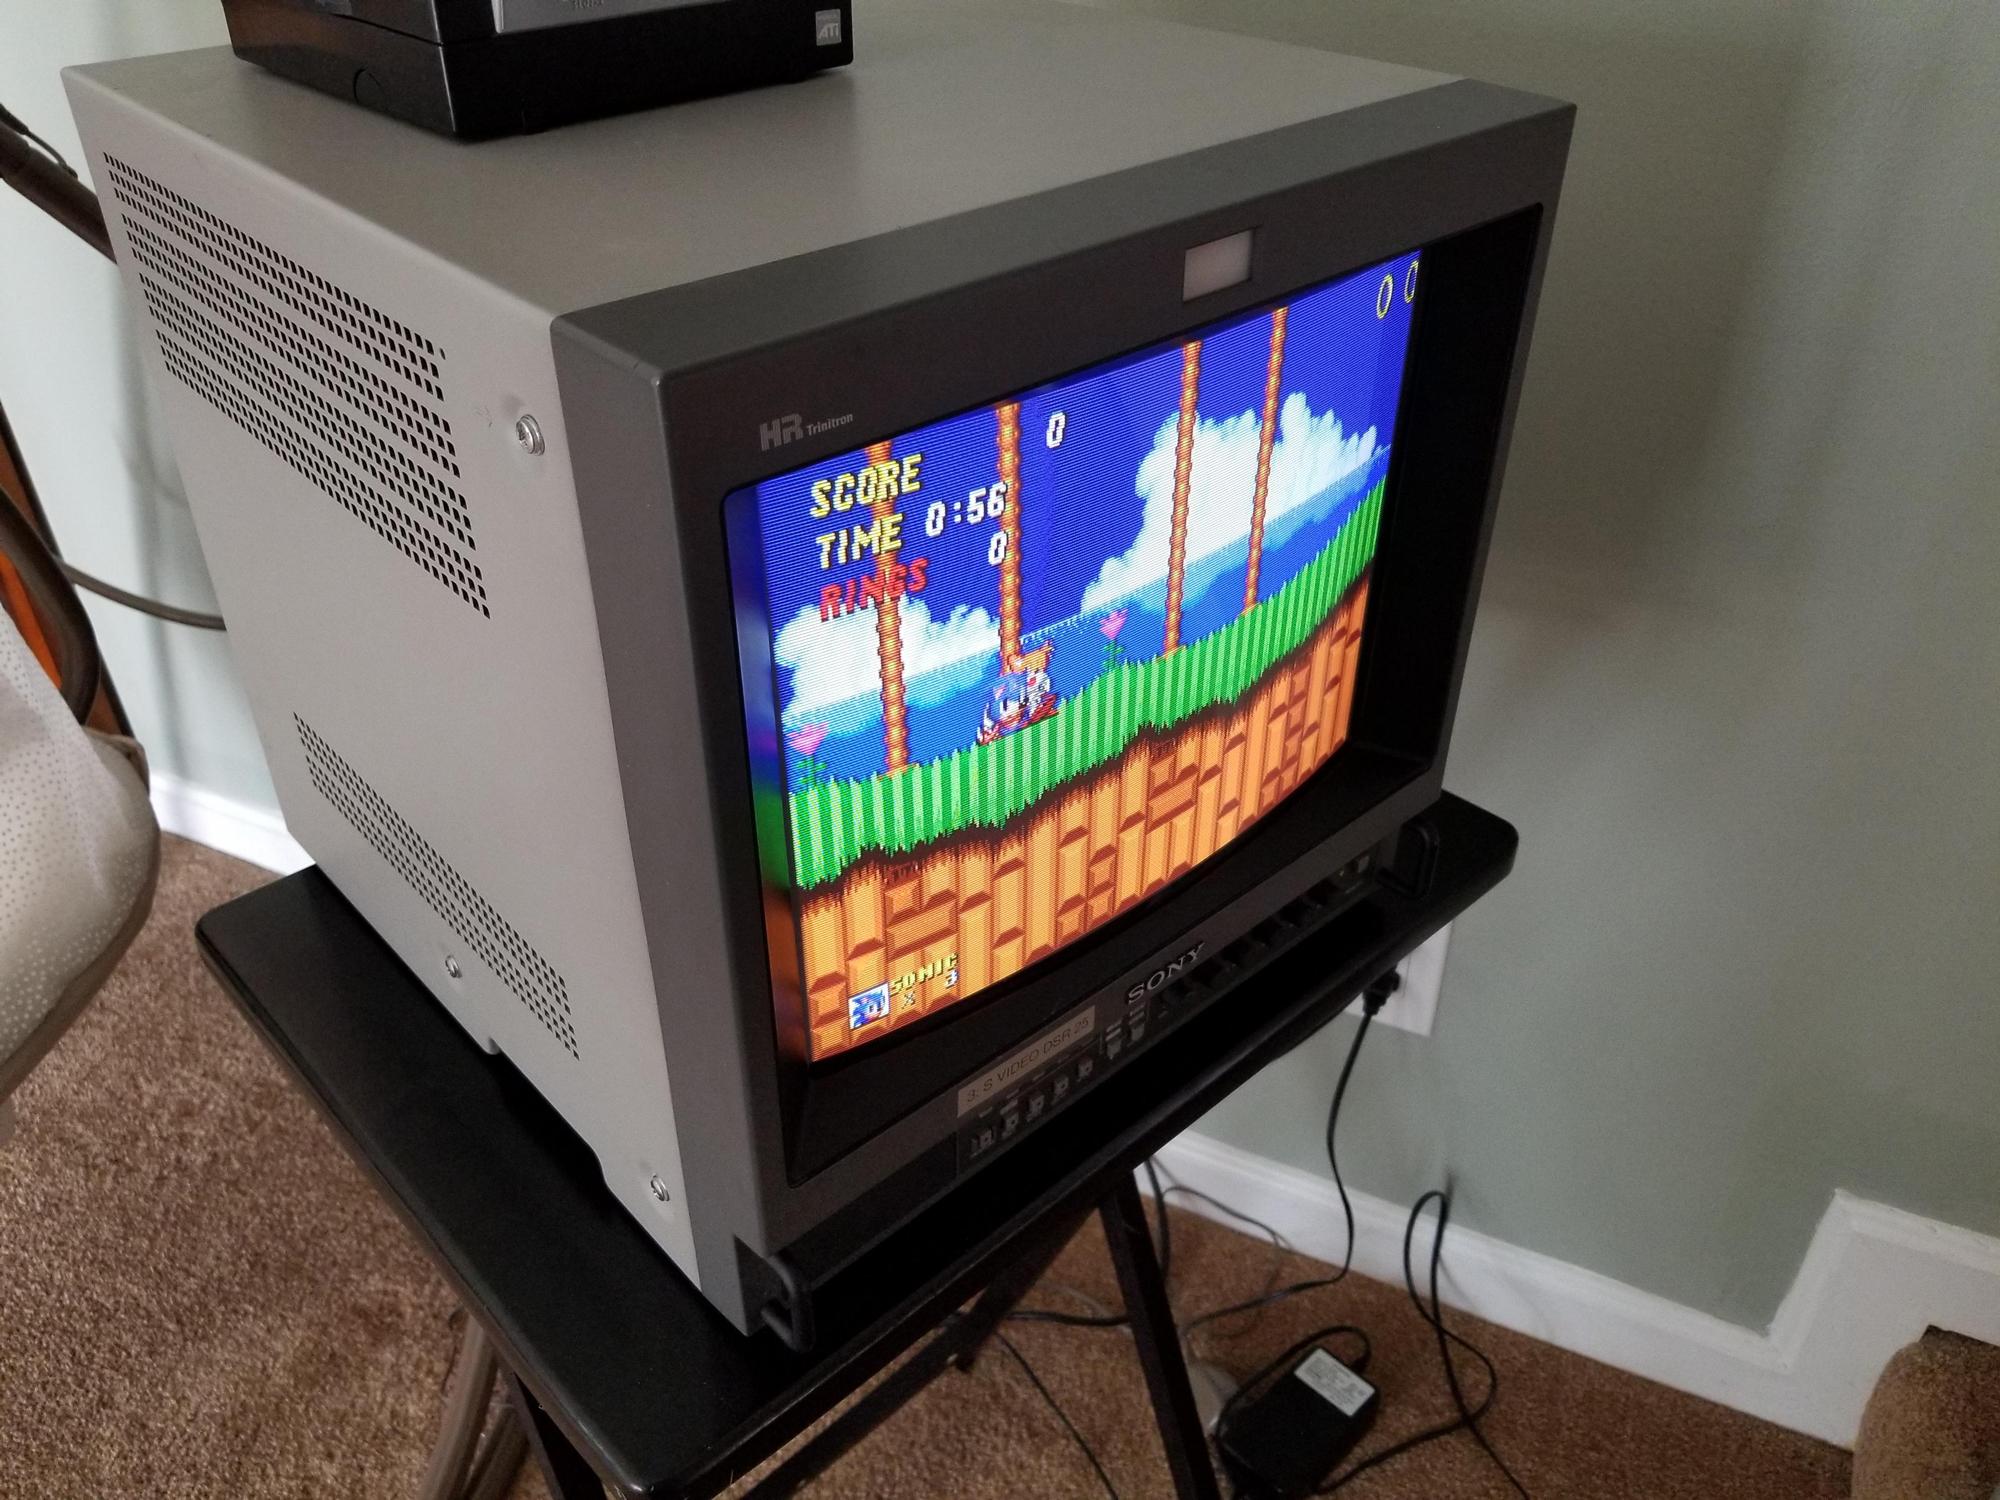 retro video game monitor